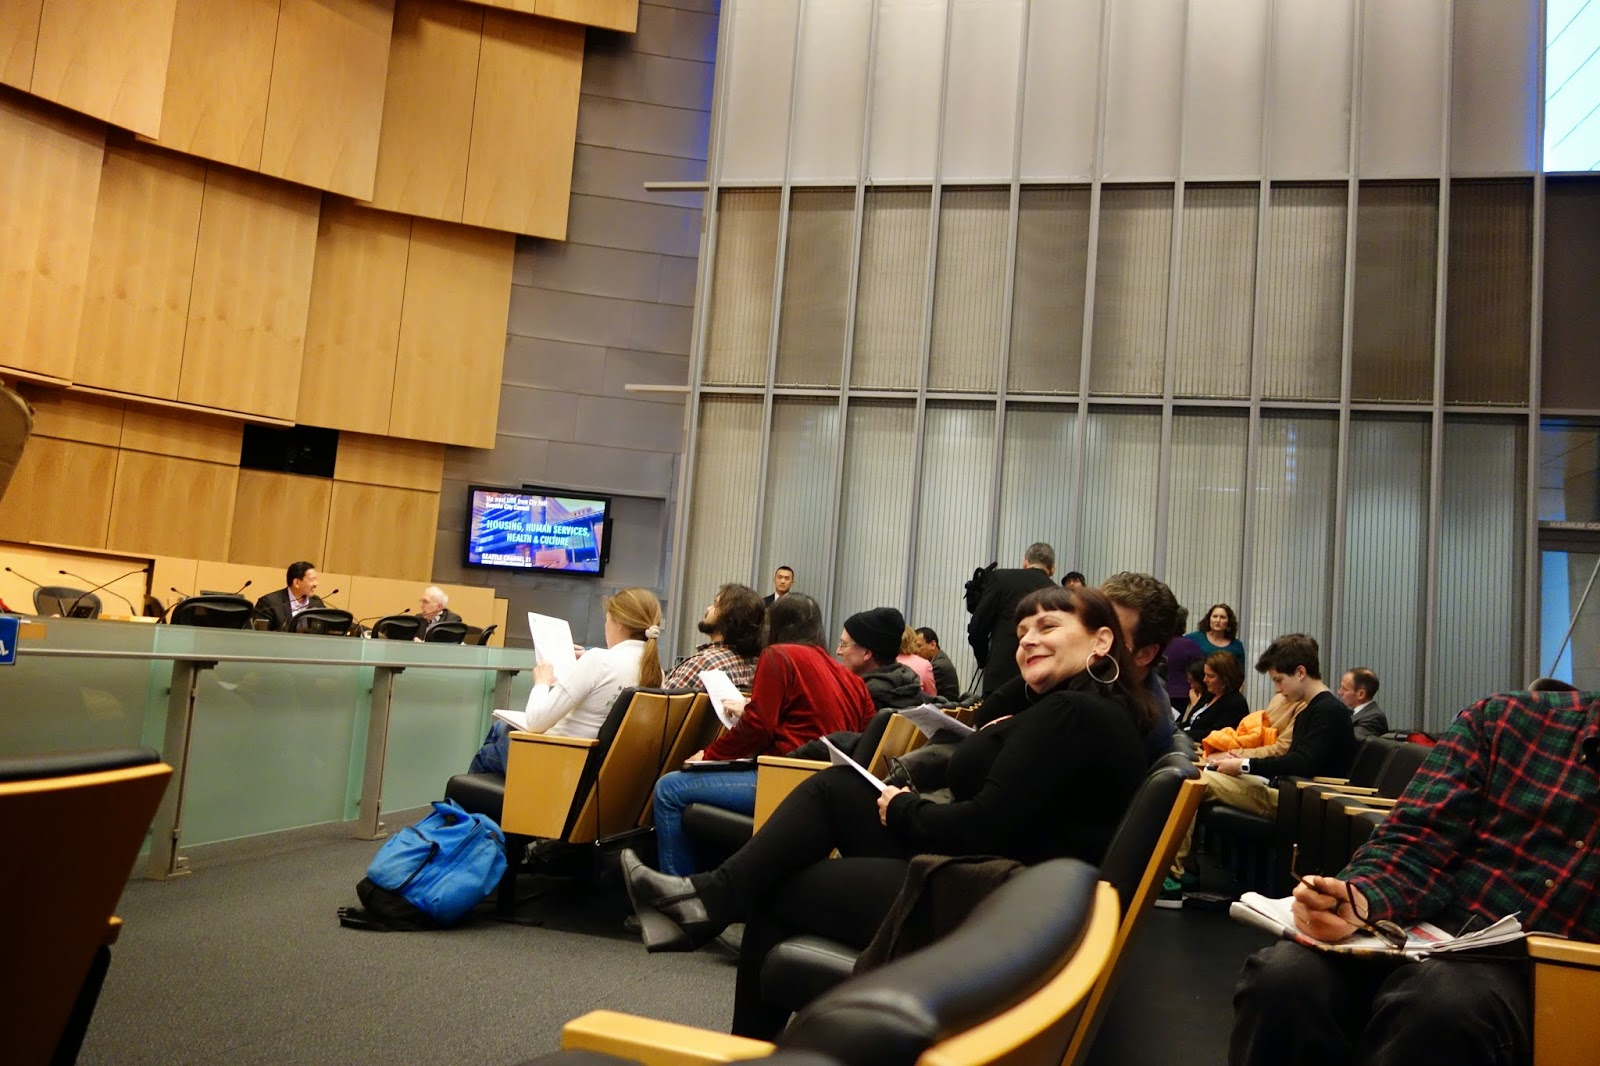 西雅圖市政會議